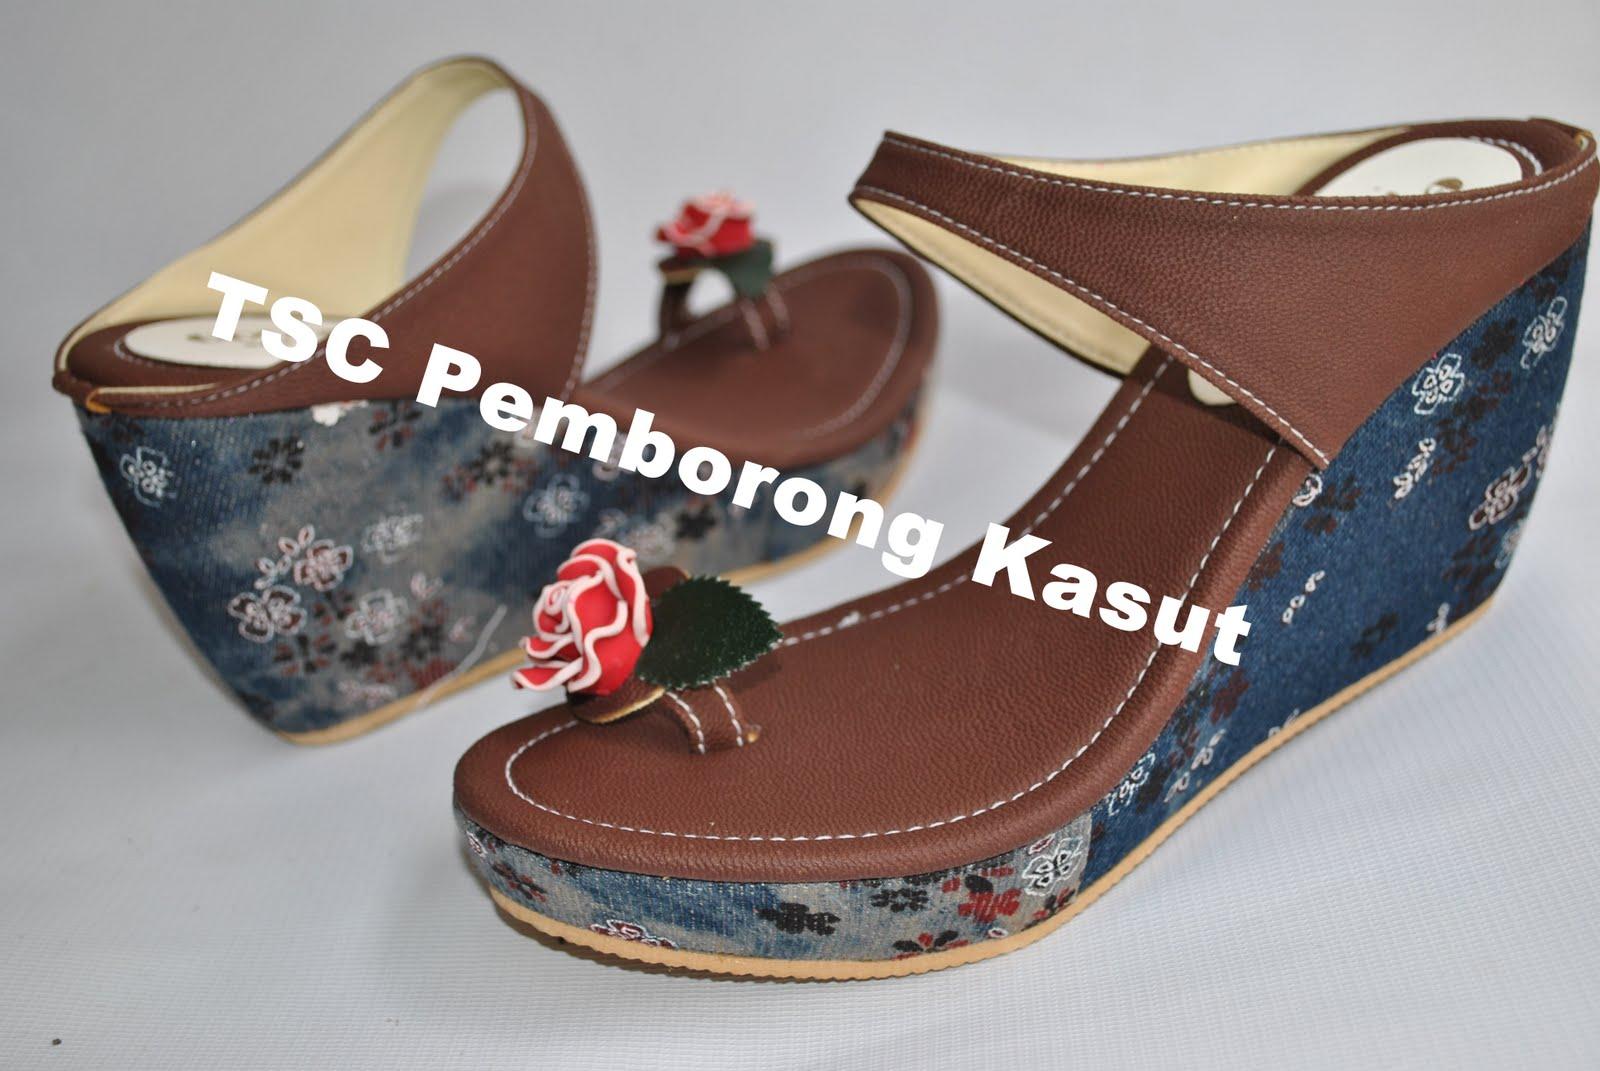 Cari Kasut Wedges !! Contact : TSC Pemborong Kasut 0162087152